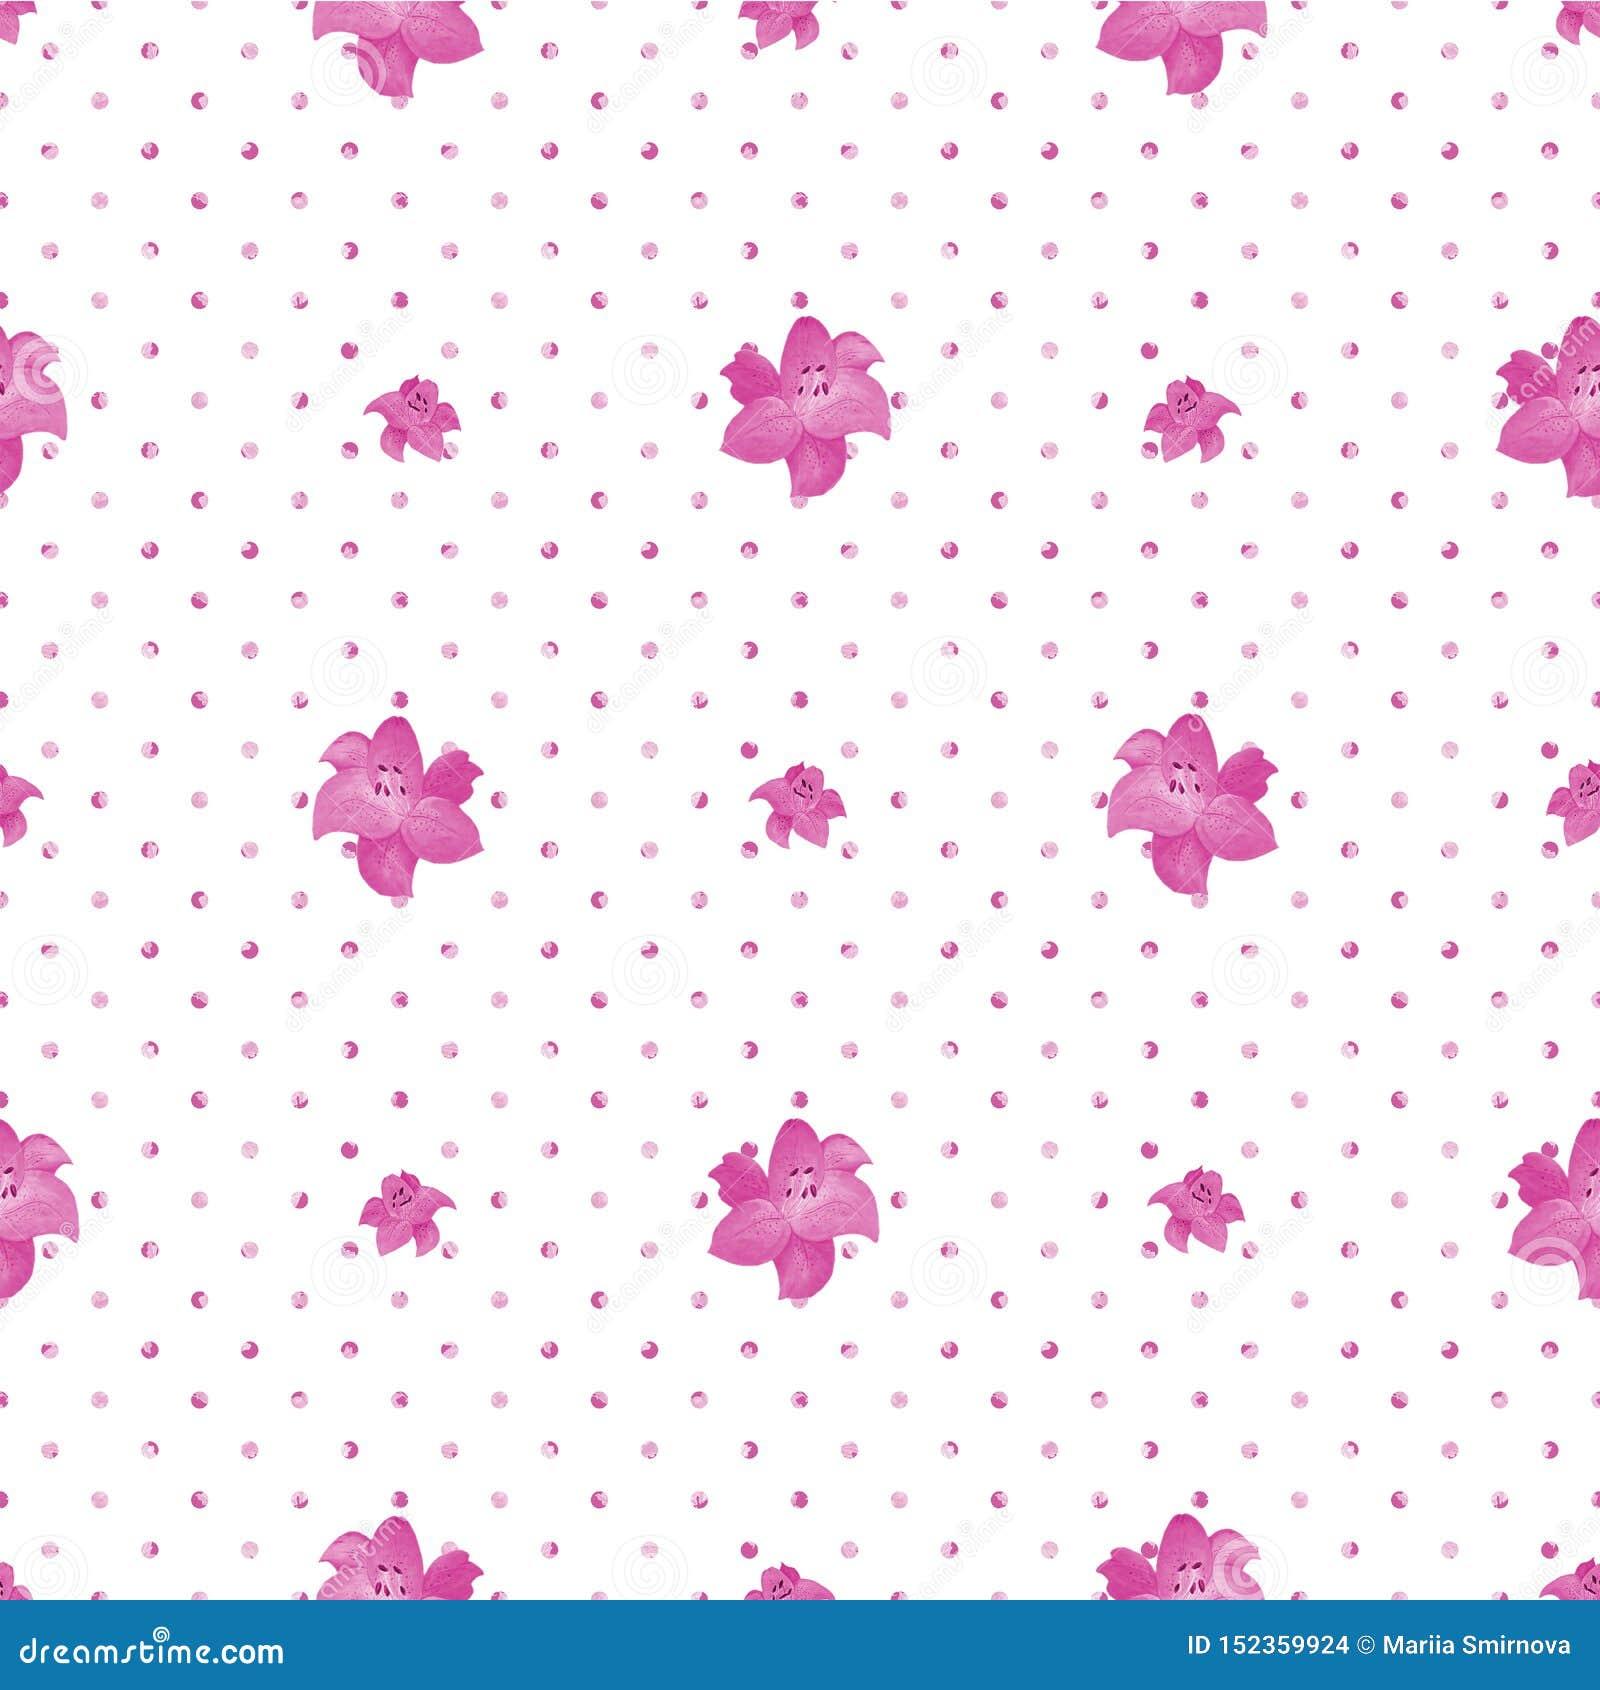 Naadloze Polka Dot Texture met leliebloemen Witte achtergrond